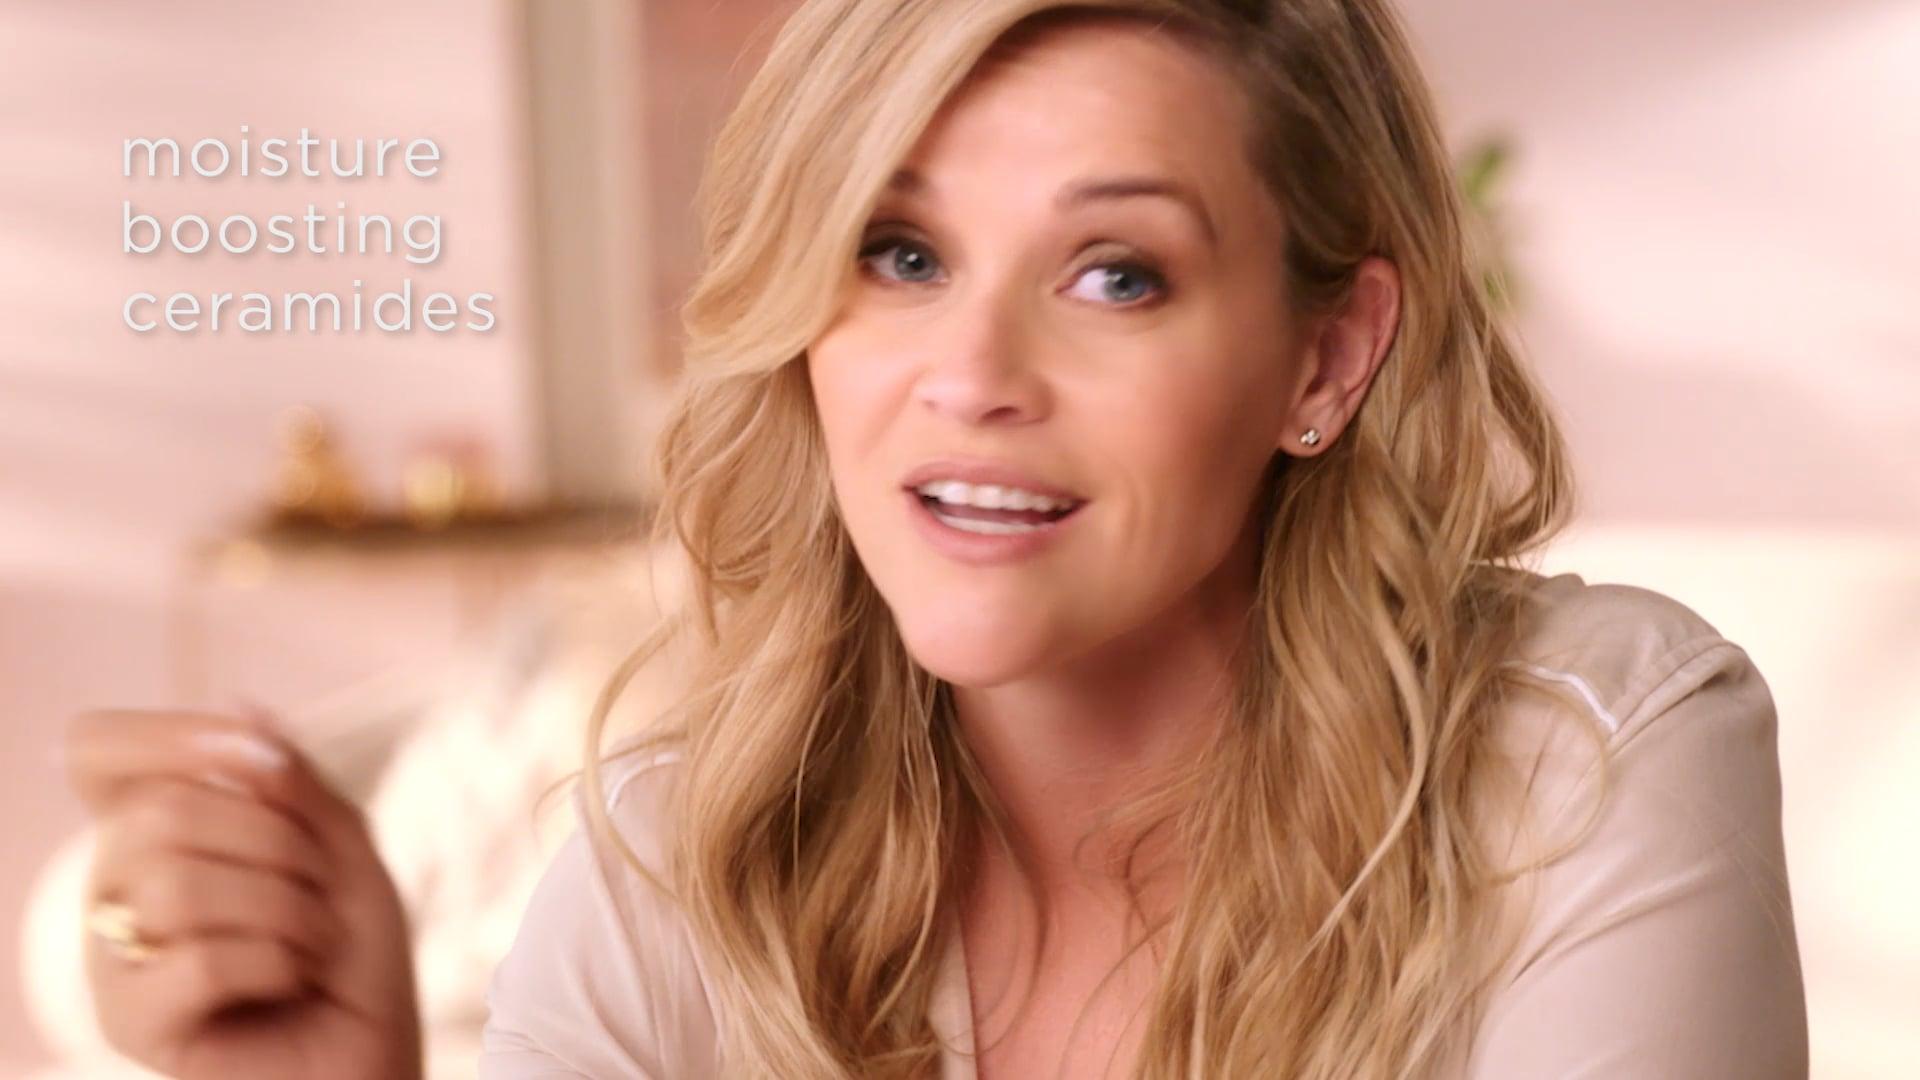 Reese Witherspoon - Retinol Ceramide